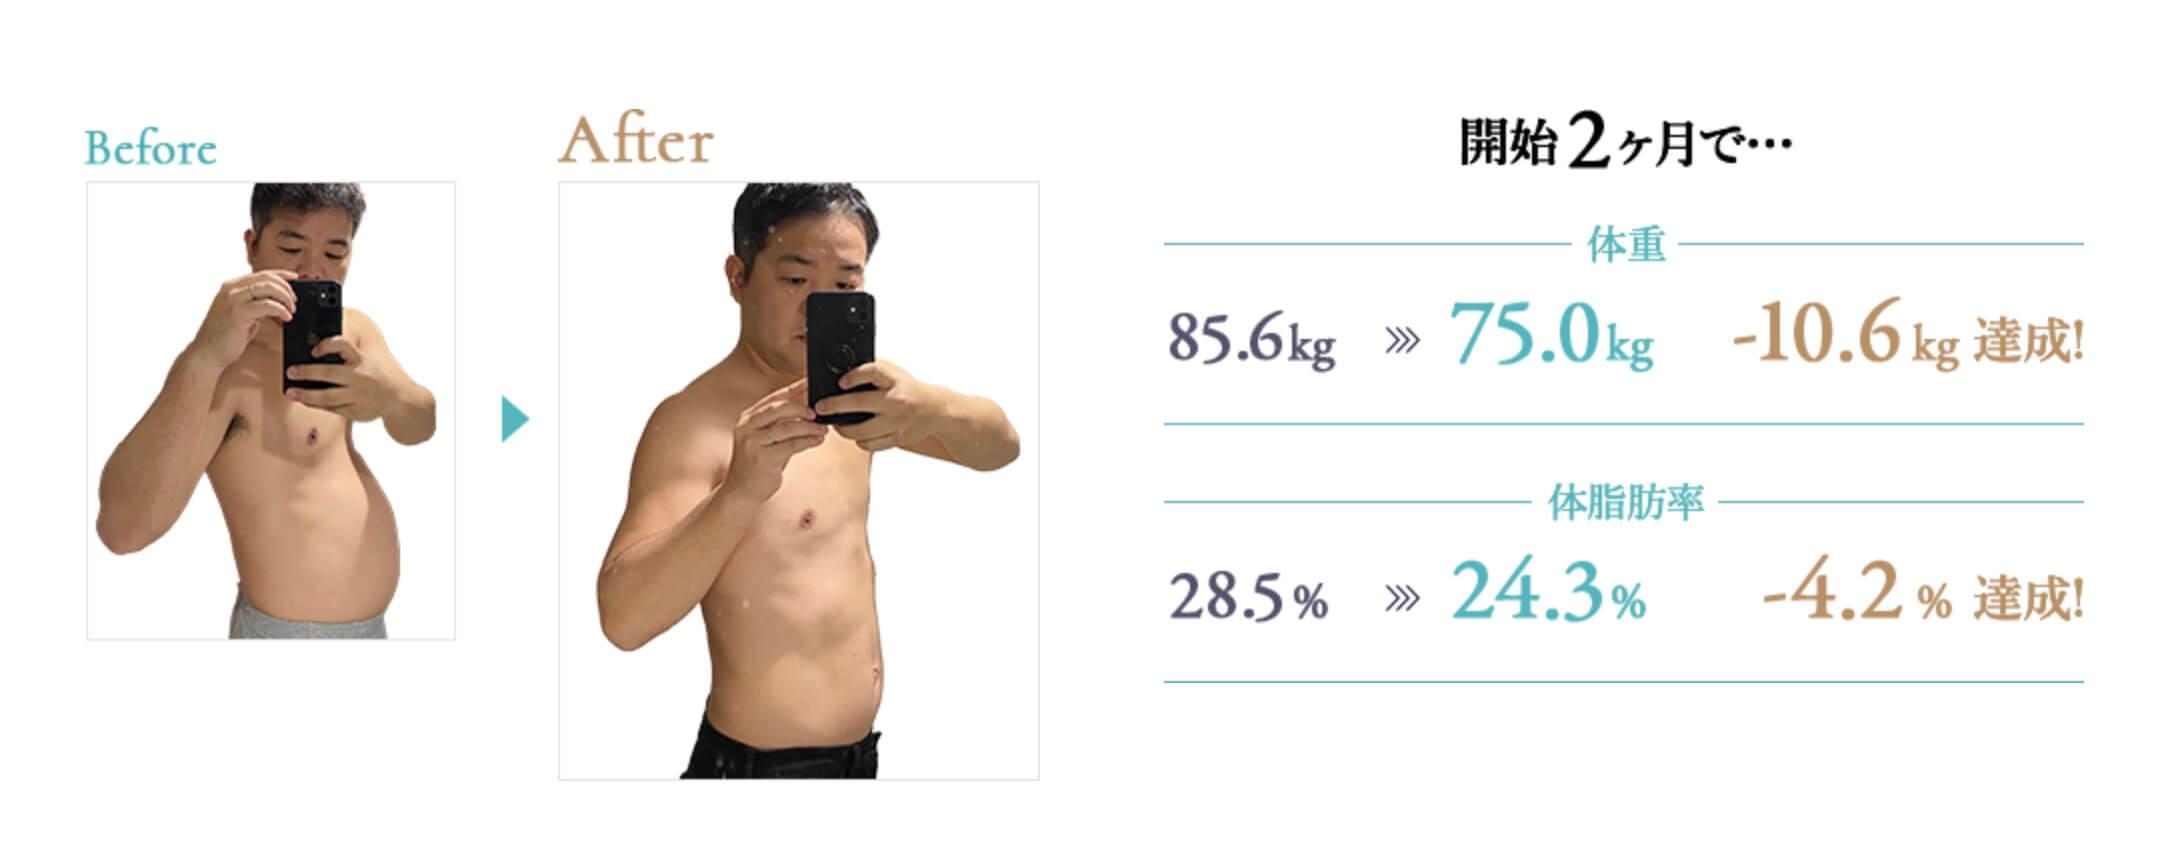 遺伝子検査ダイエットで痩せた人